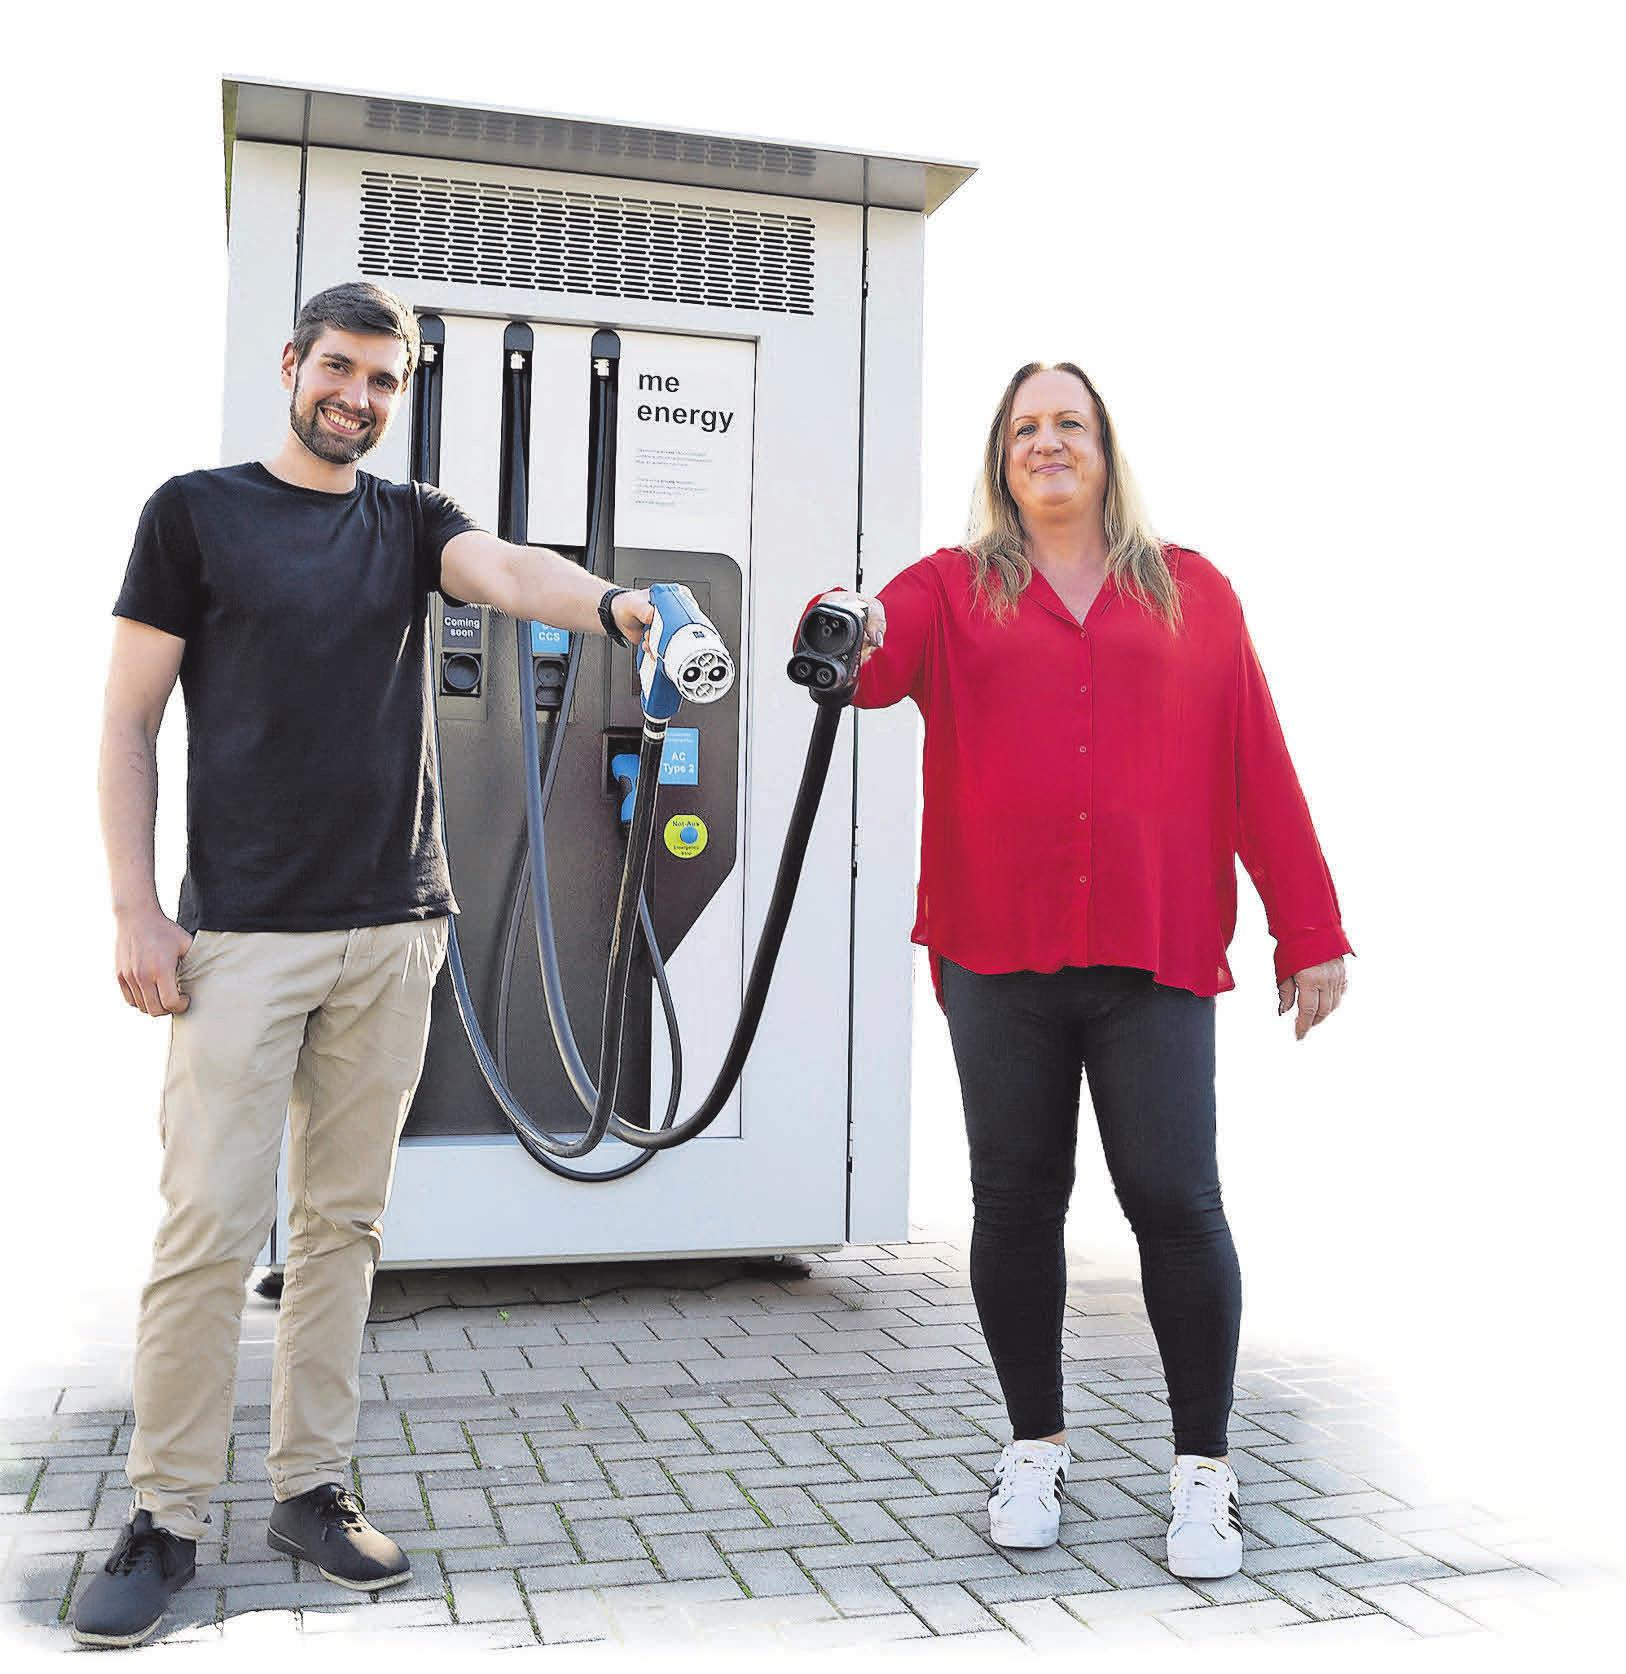 Gründeten ME Energy: Alexander Sohl und Inès Adler. fotos: ME ENERGY